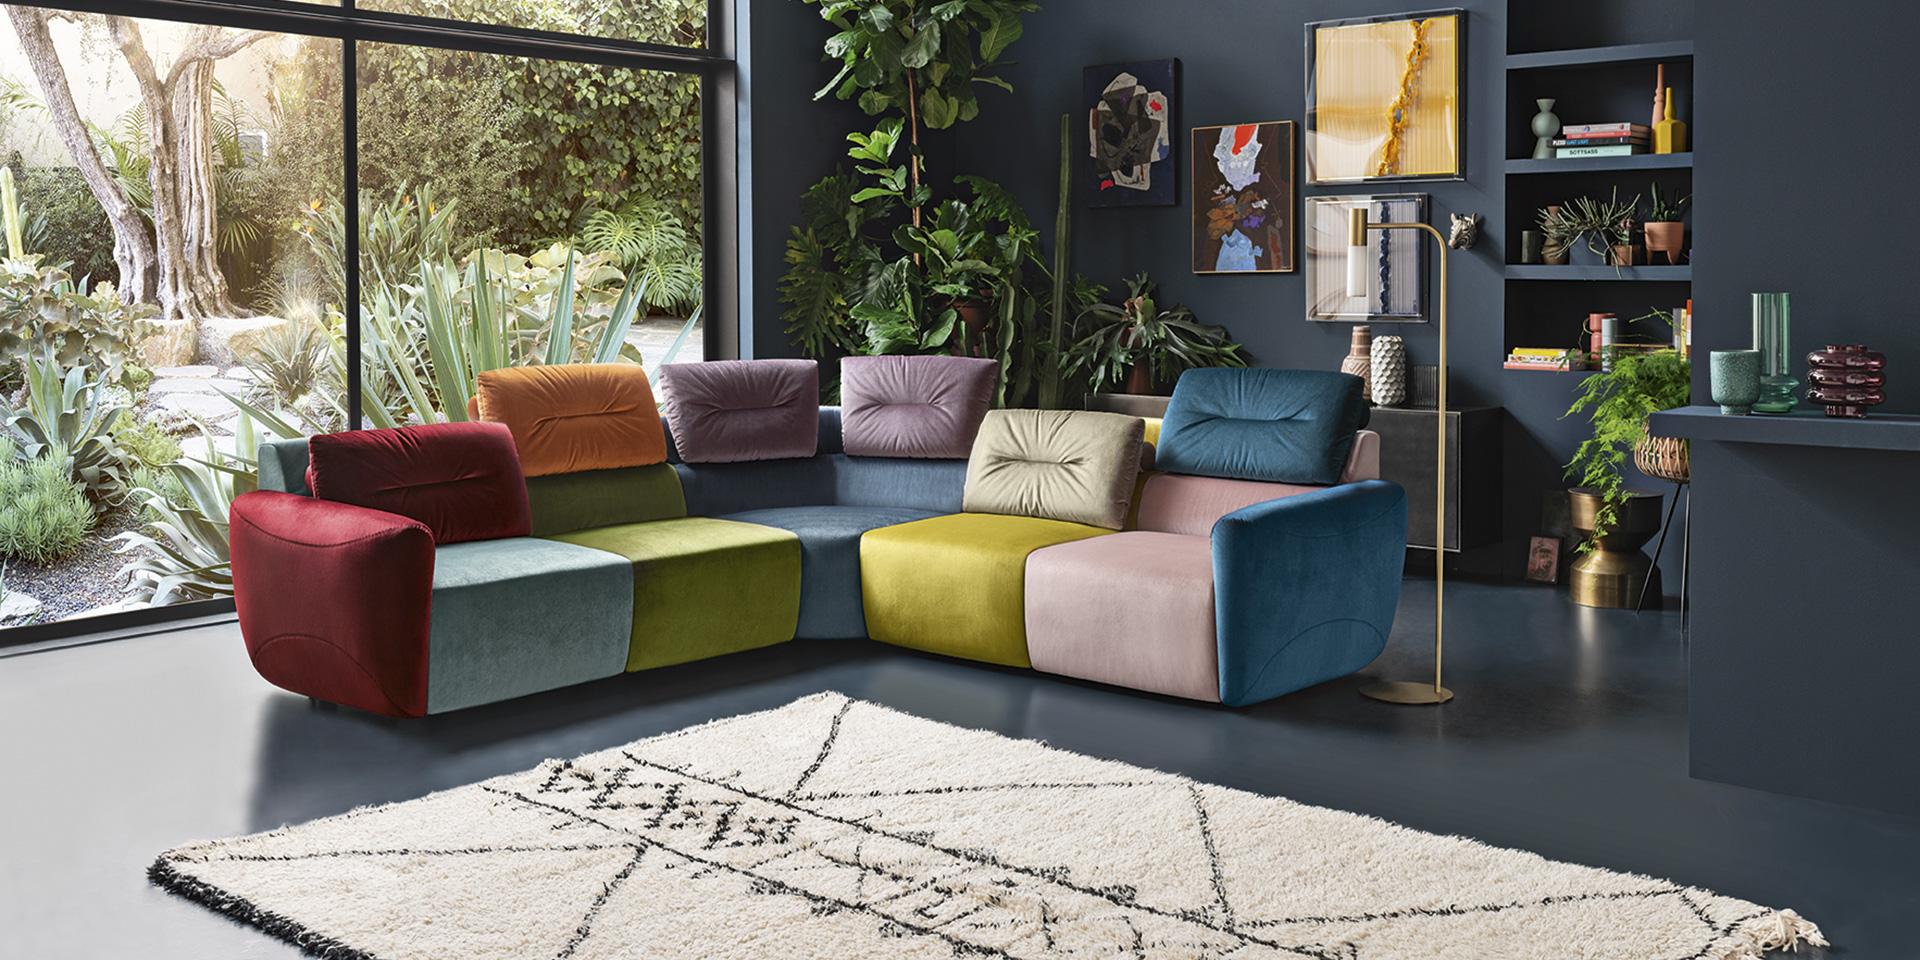 Fabbrica Divani A Brescia felis | produzione divani, divani letto e letti